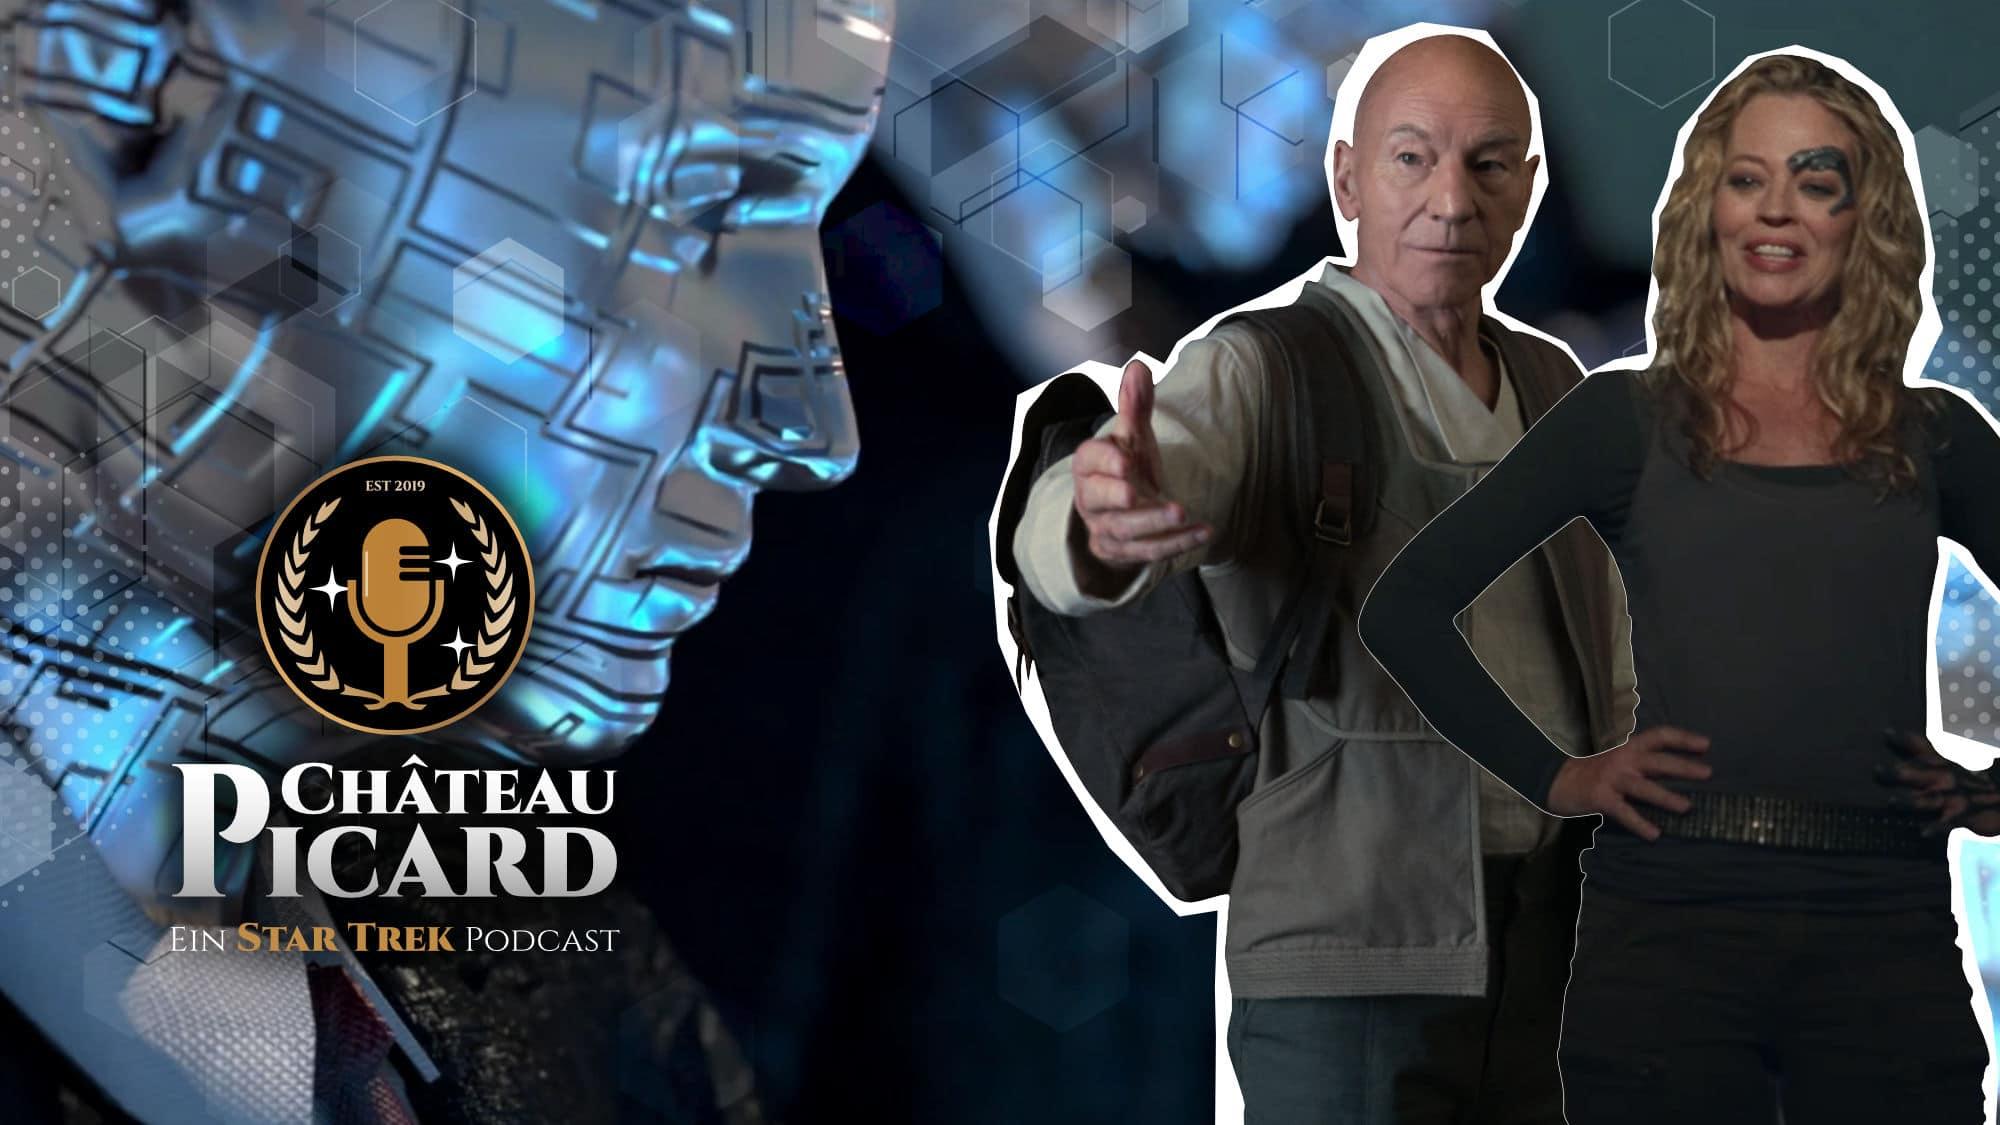 Folgenbild zur Folge Auch wir sind in Arkadien mit Star Trek: Picard